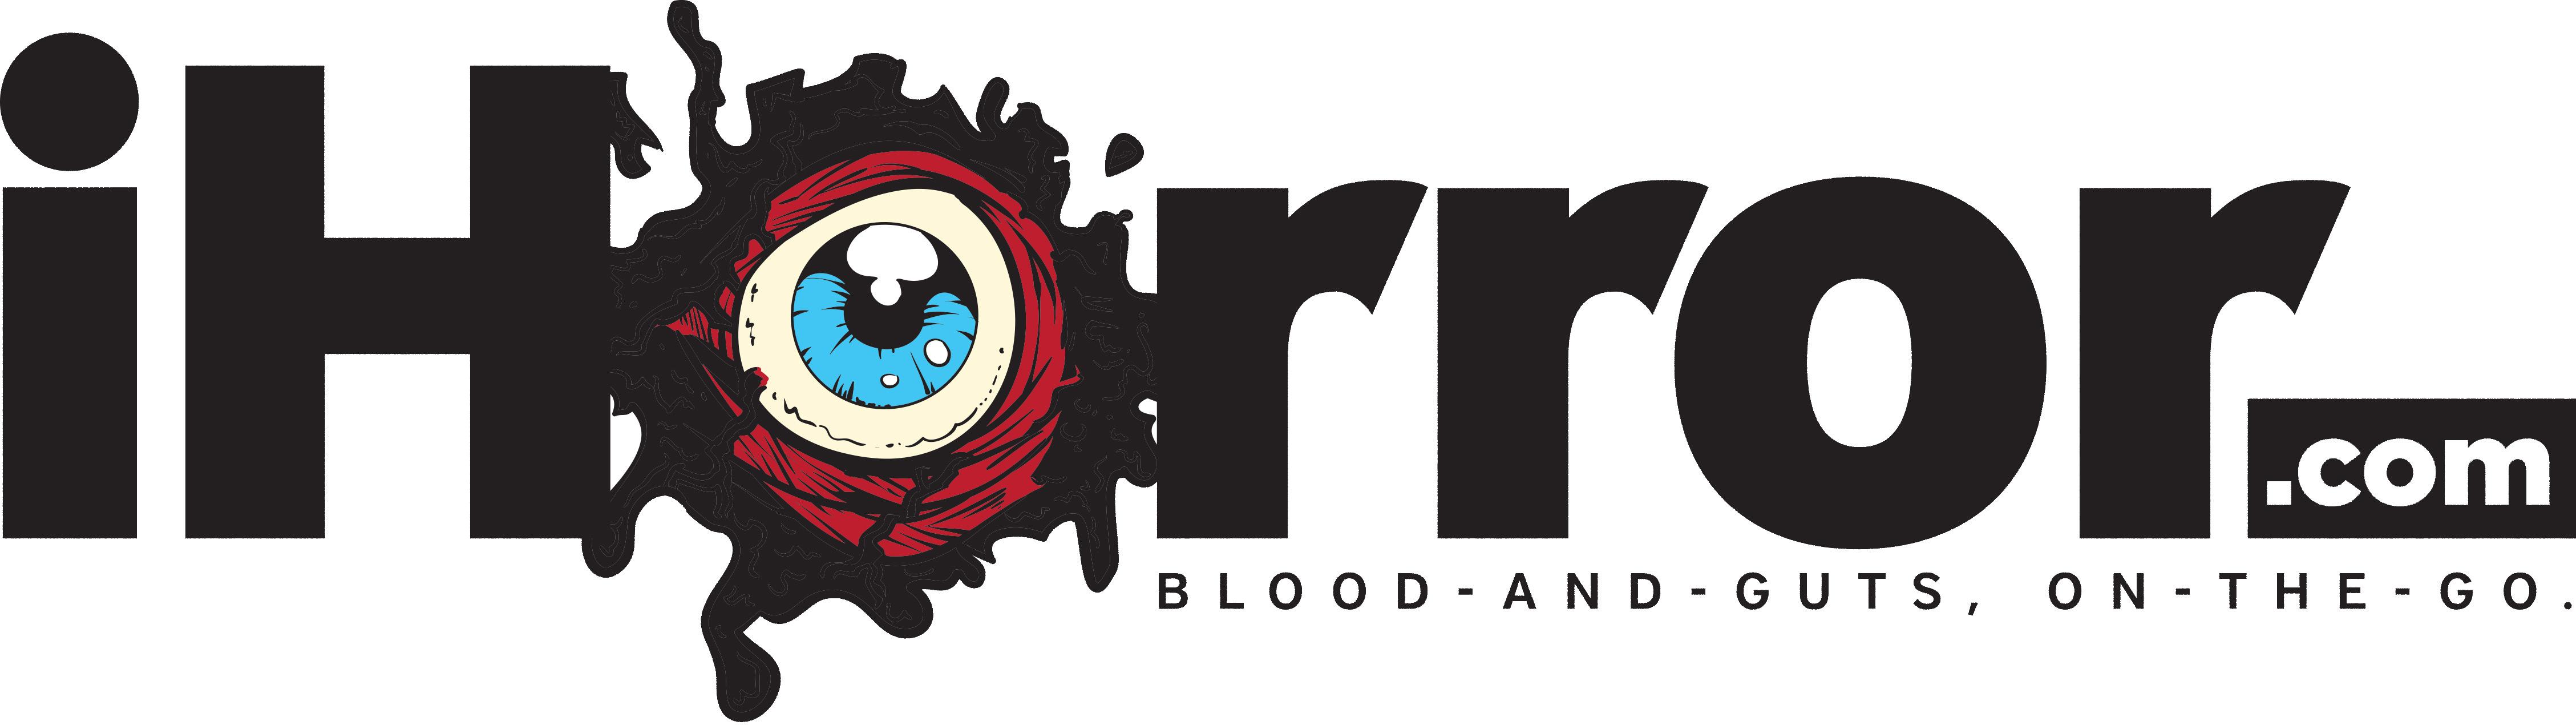 iHorror.com